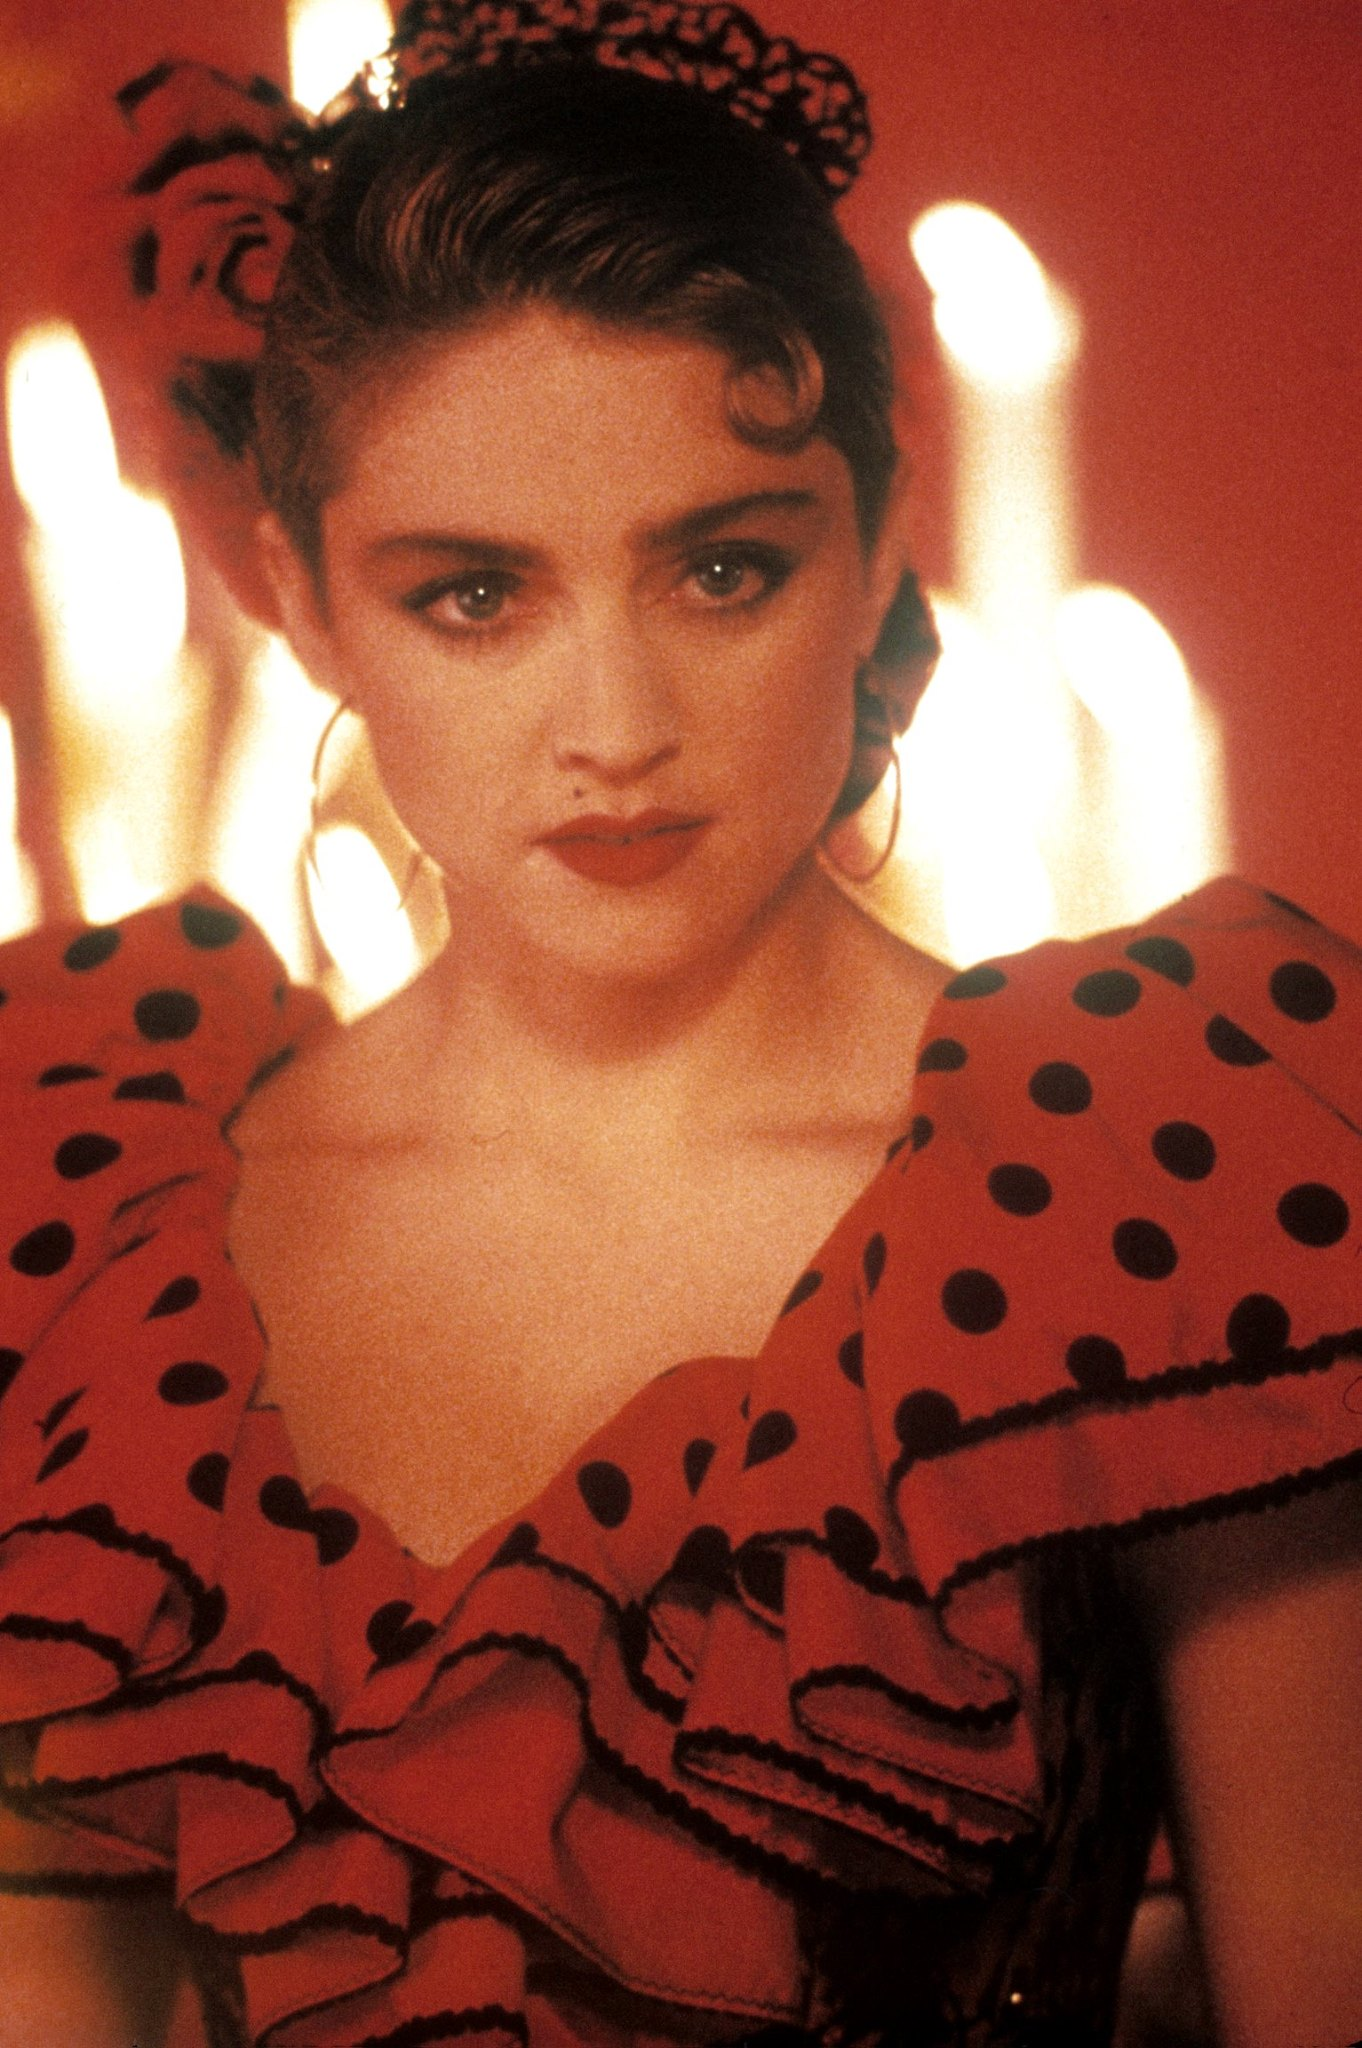 Madonna: La Isla Bonita (Video 1987) - Photo Gallery - IMDb